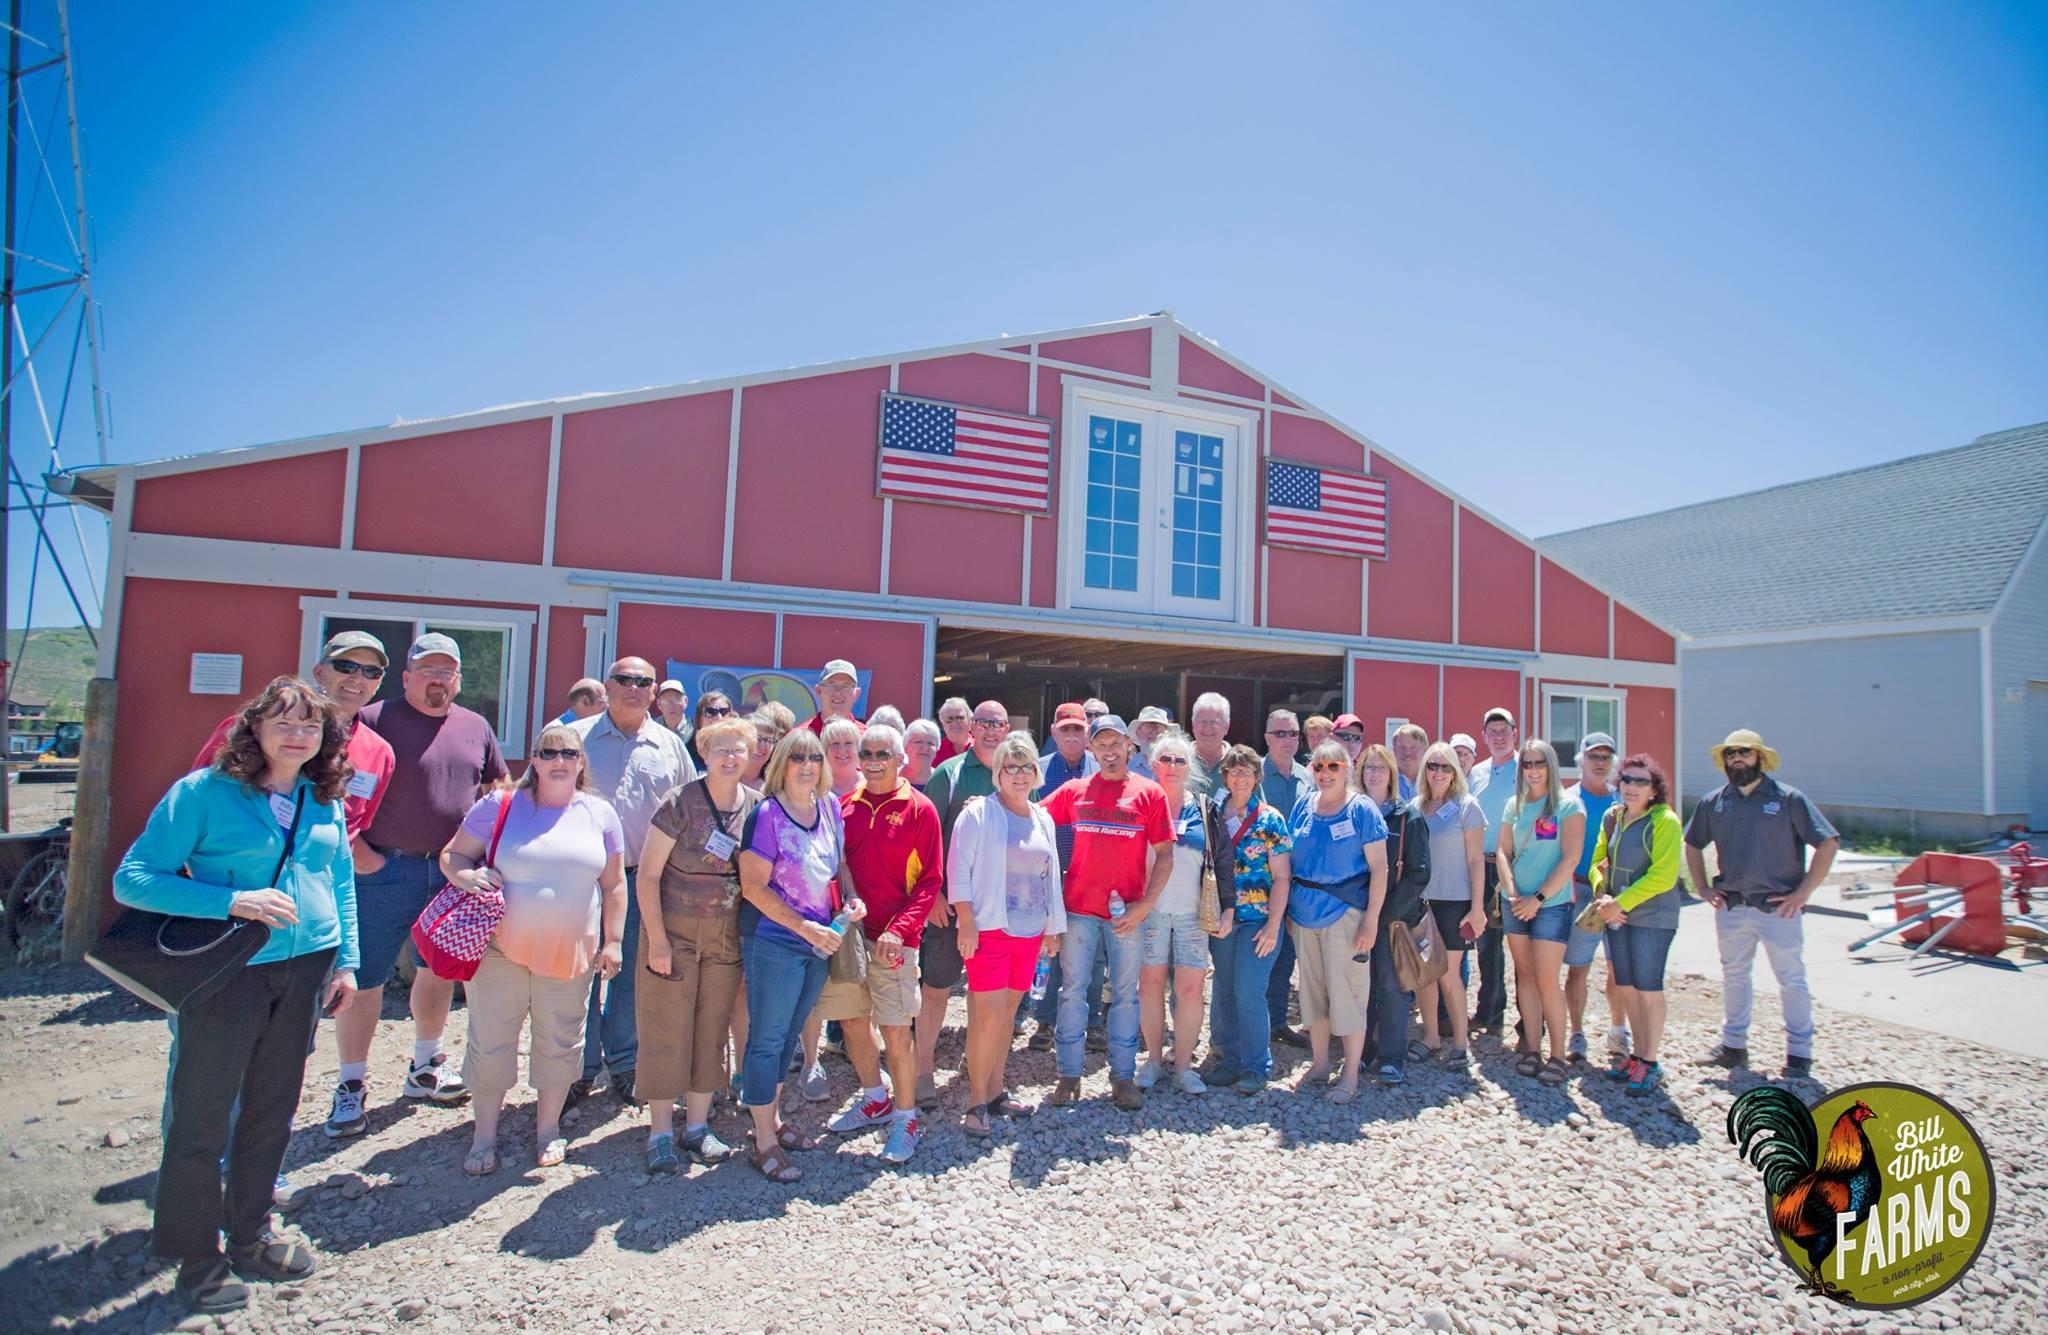 Iowa Farm Bureau tours our ranch in Park City, Utah.